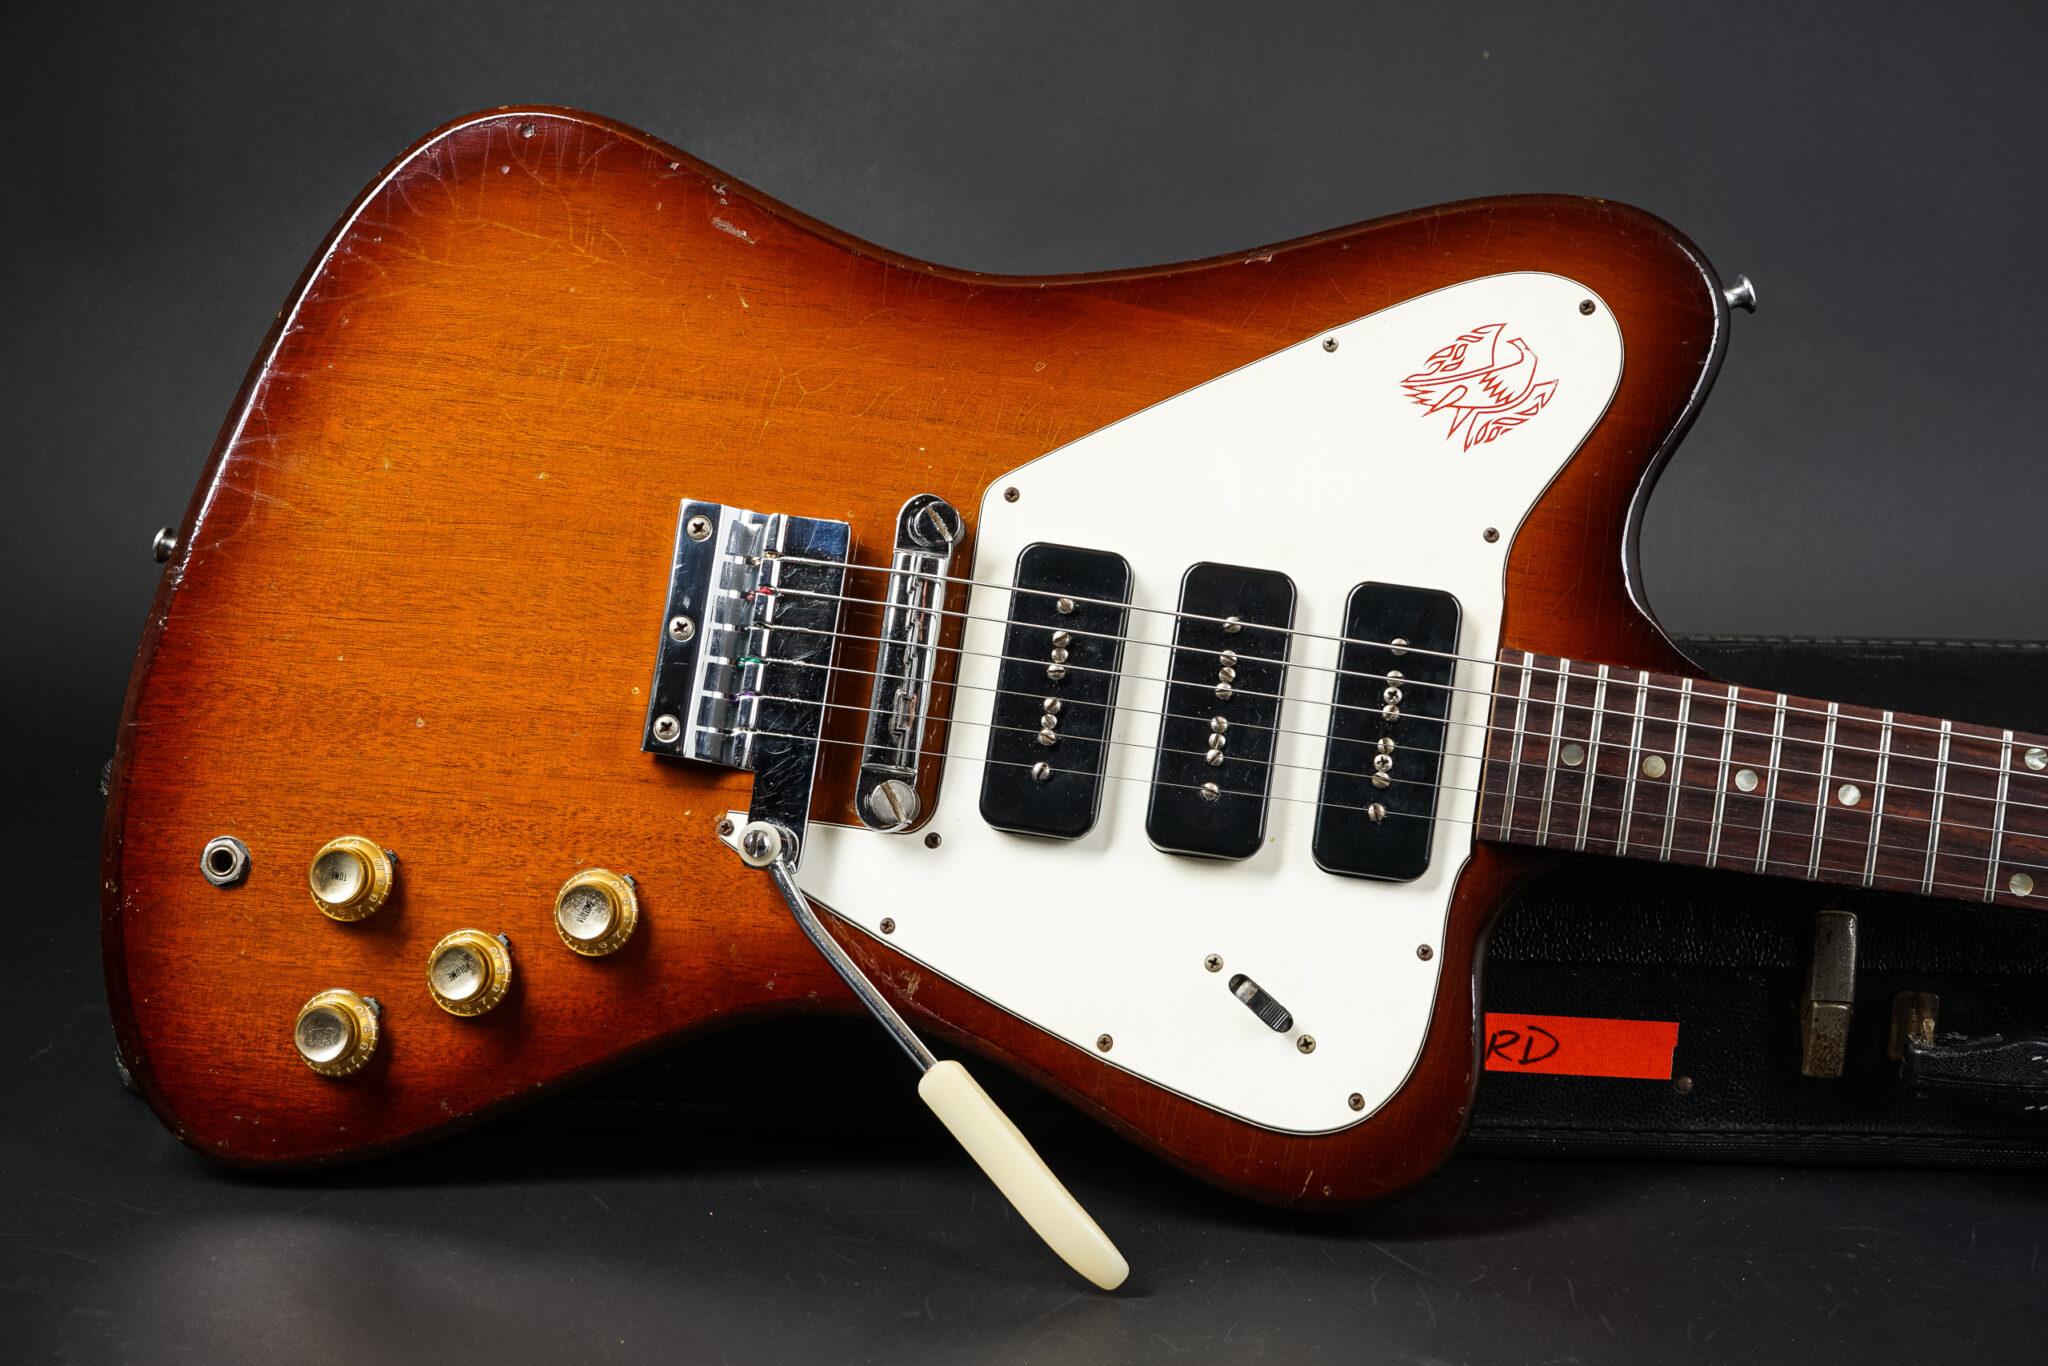 https://guitarpoint.de/app/uploads/products/1965-gibson-firebird-iii-non-reverse-sunburst/1965-Gibson-Firebird-Non-reverse-517955-8-2048x1366.jpg